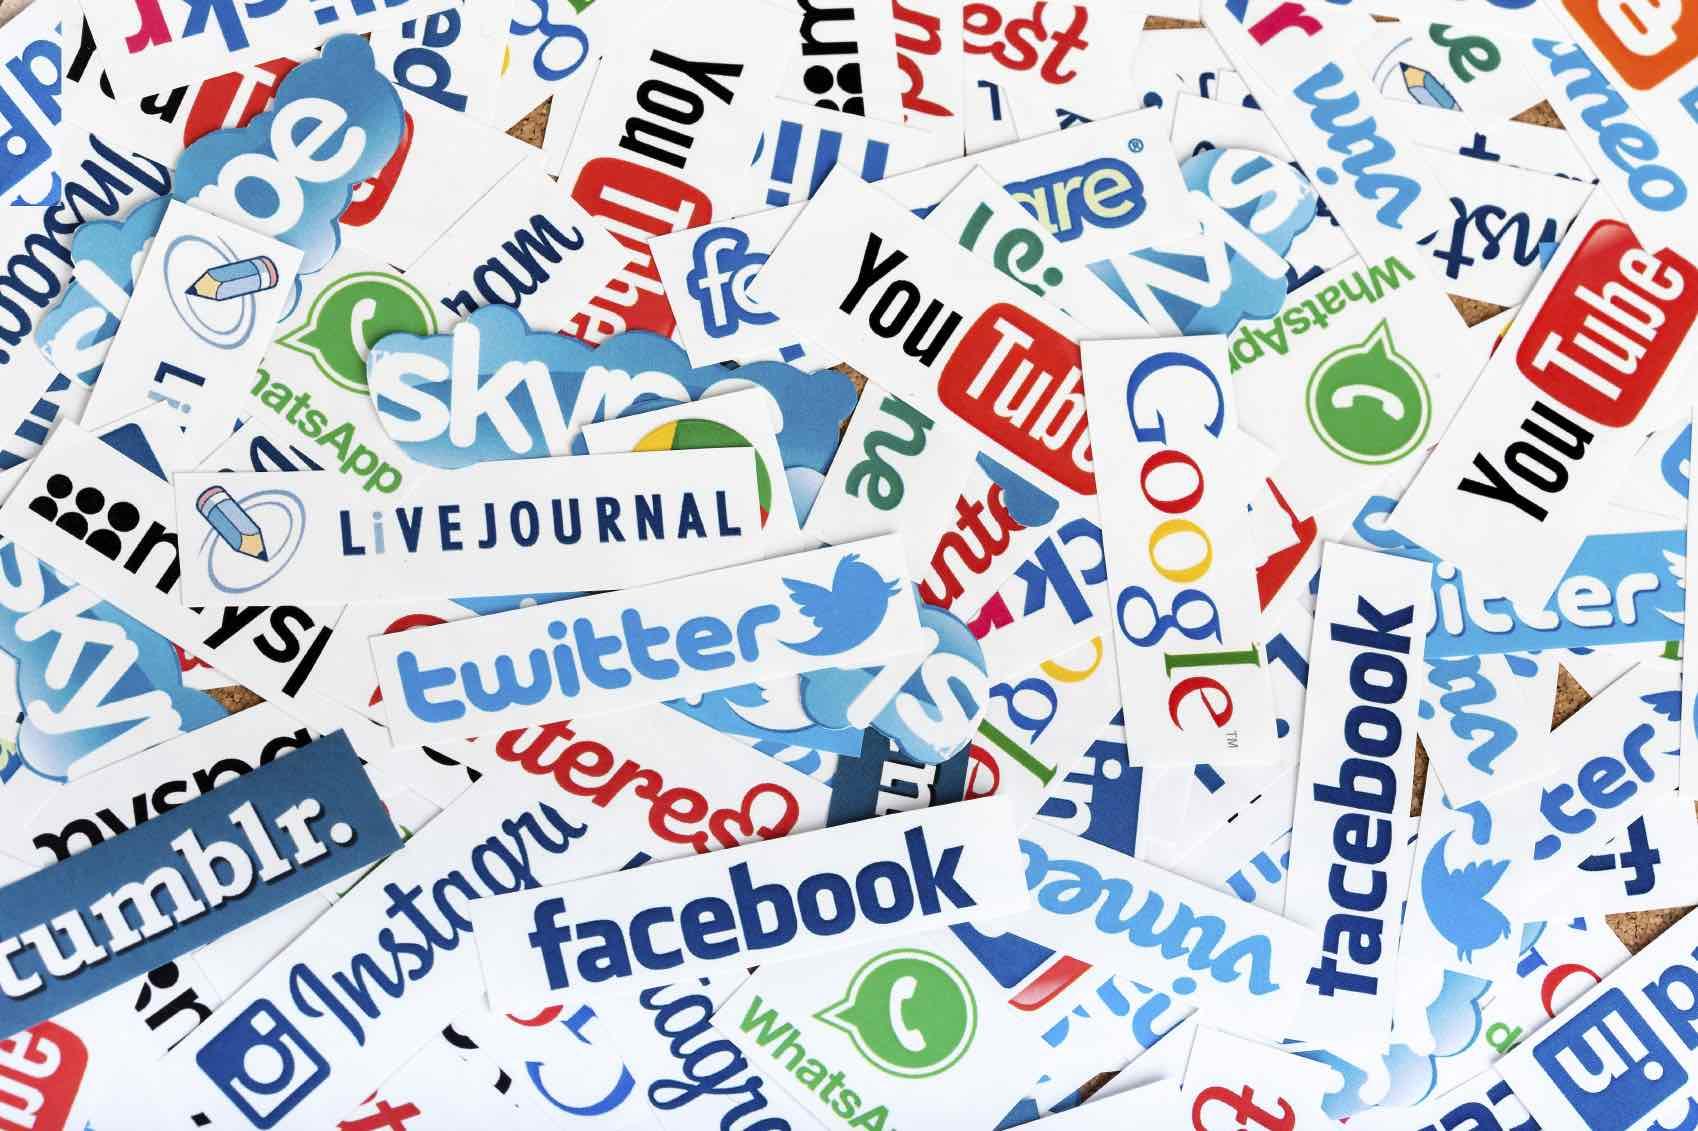 Rețelele de socializare nu își asumă responsabilitatea apărării democrației în online